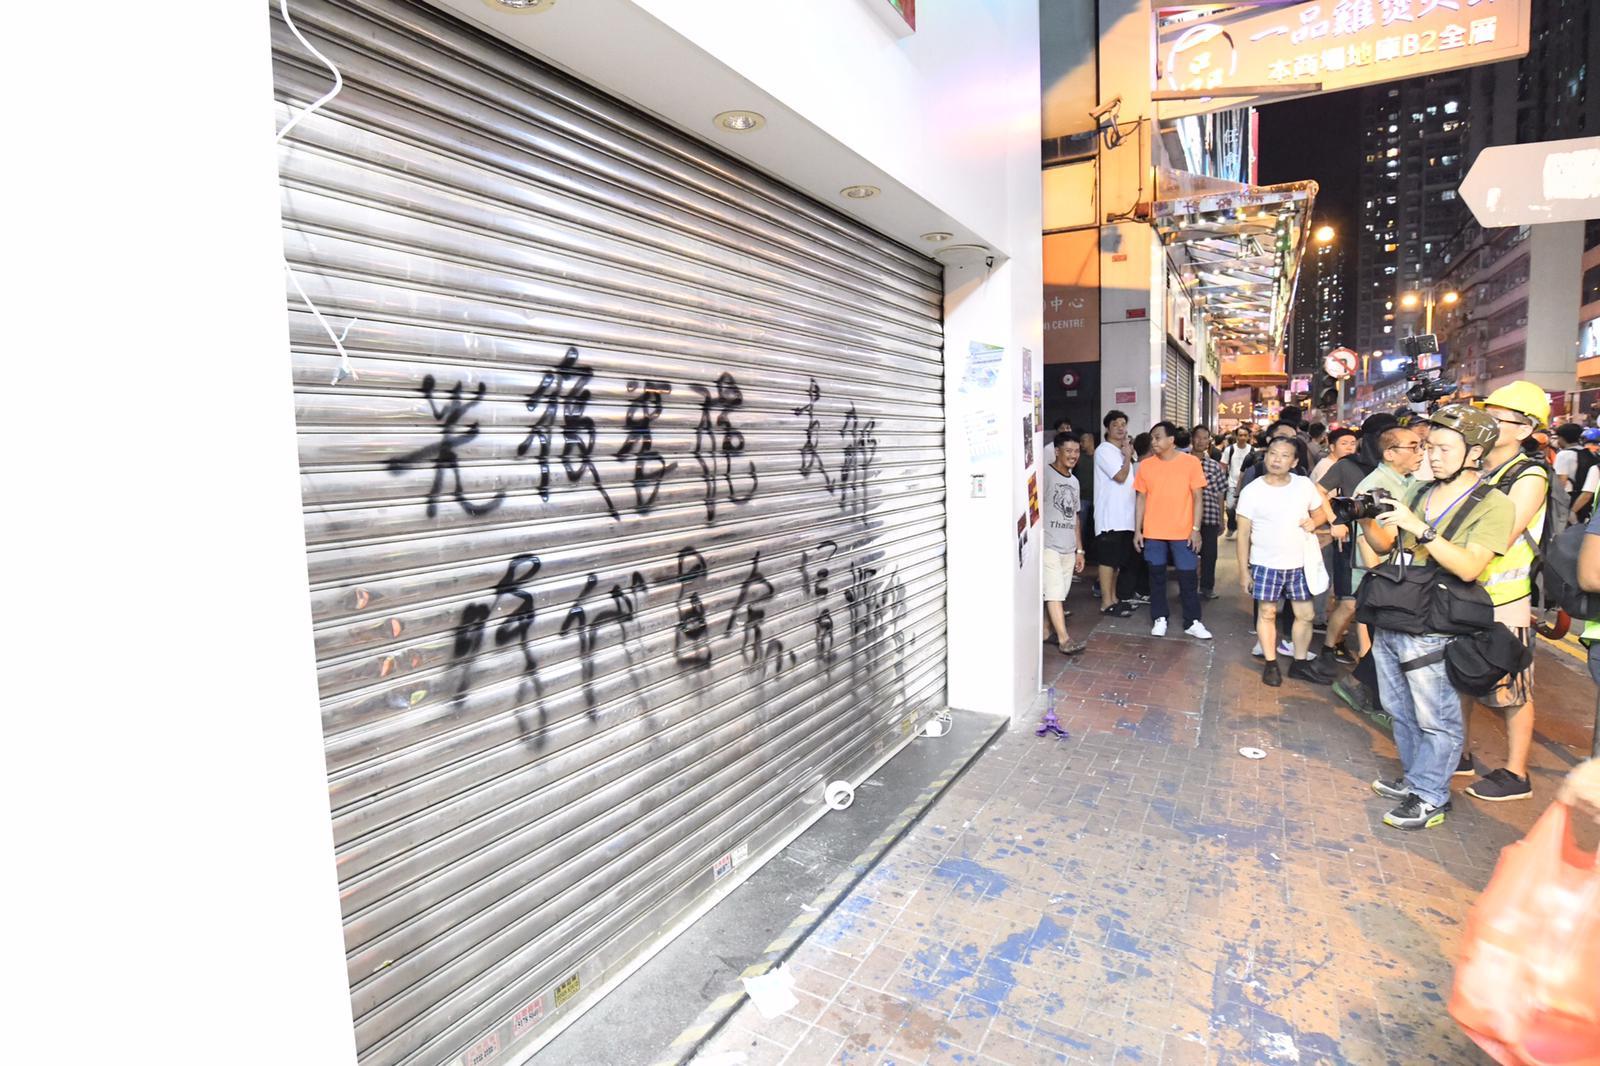 示威者破壞商戶。